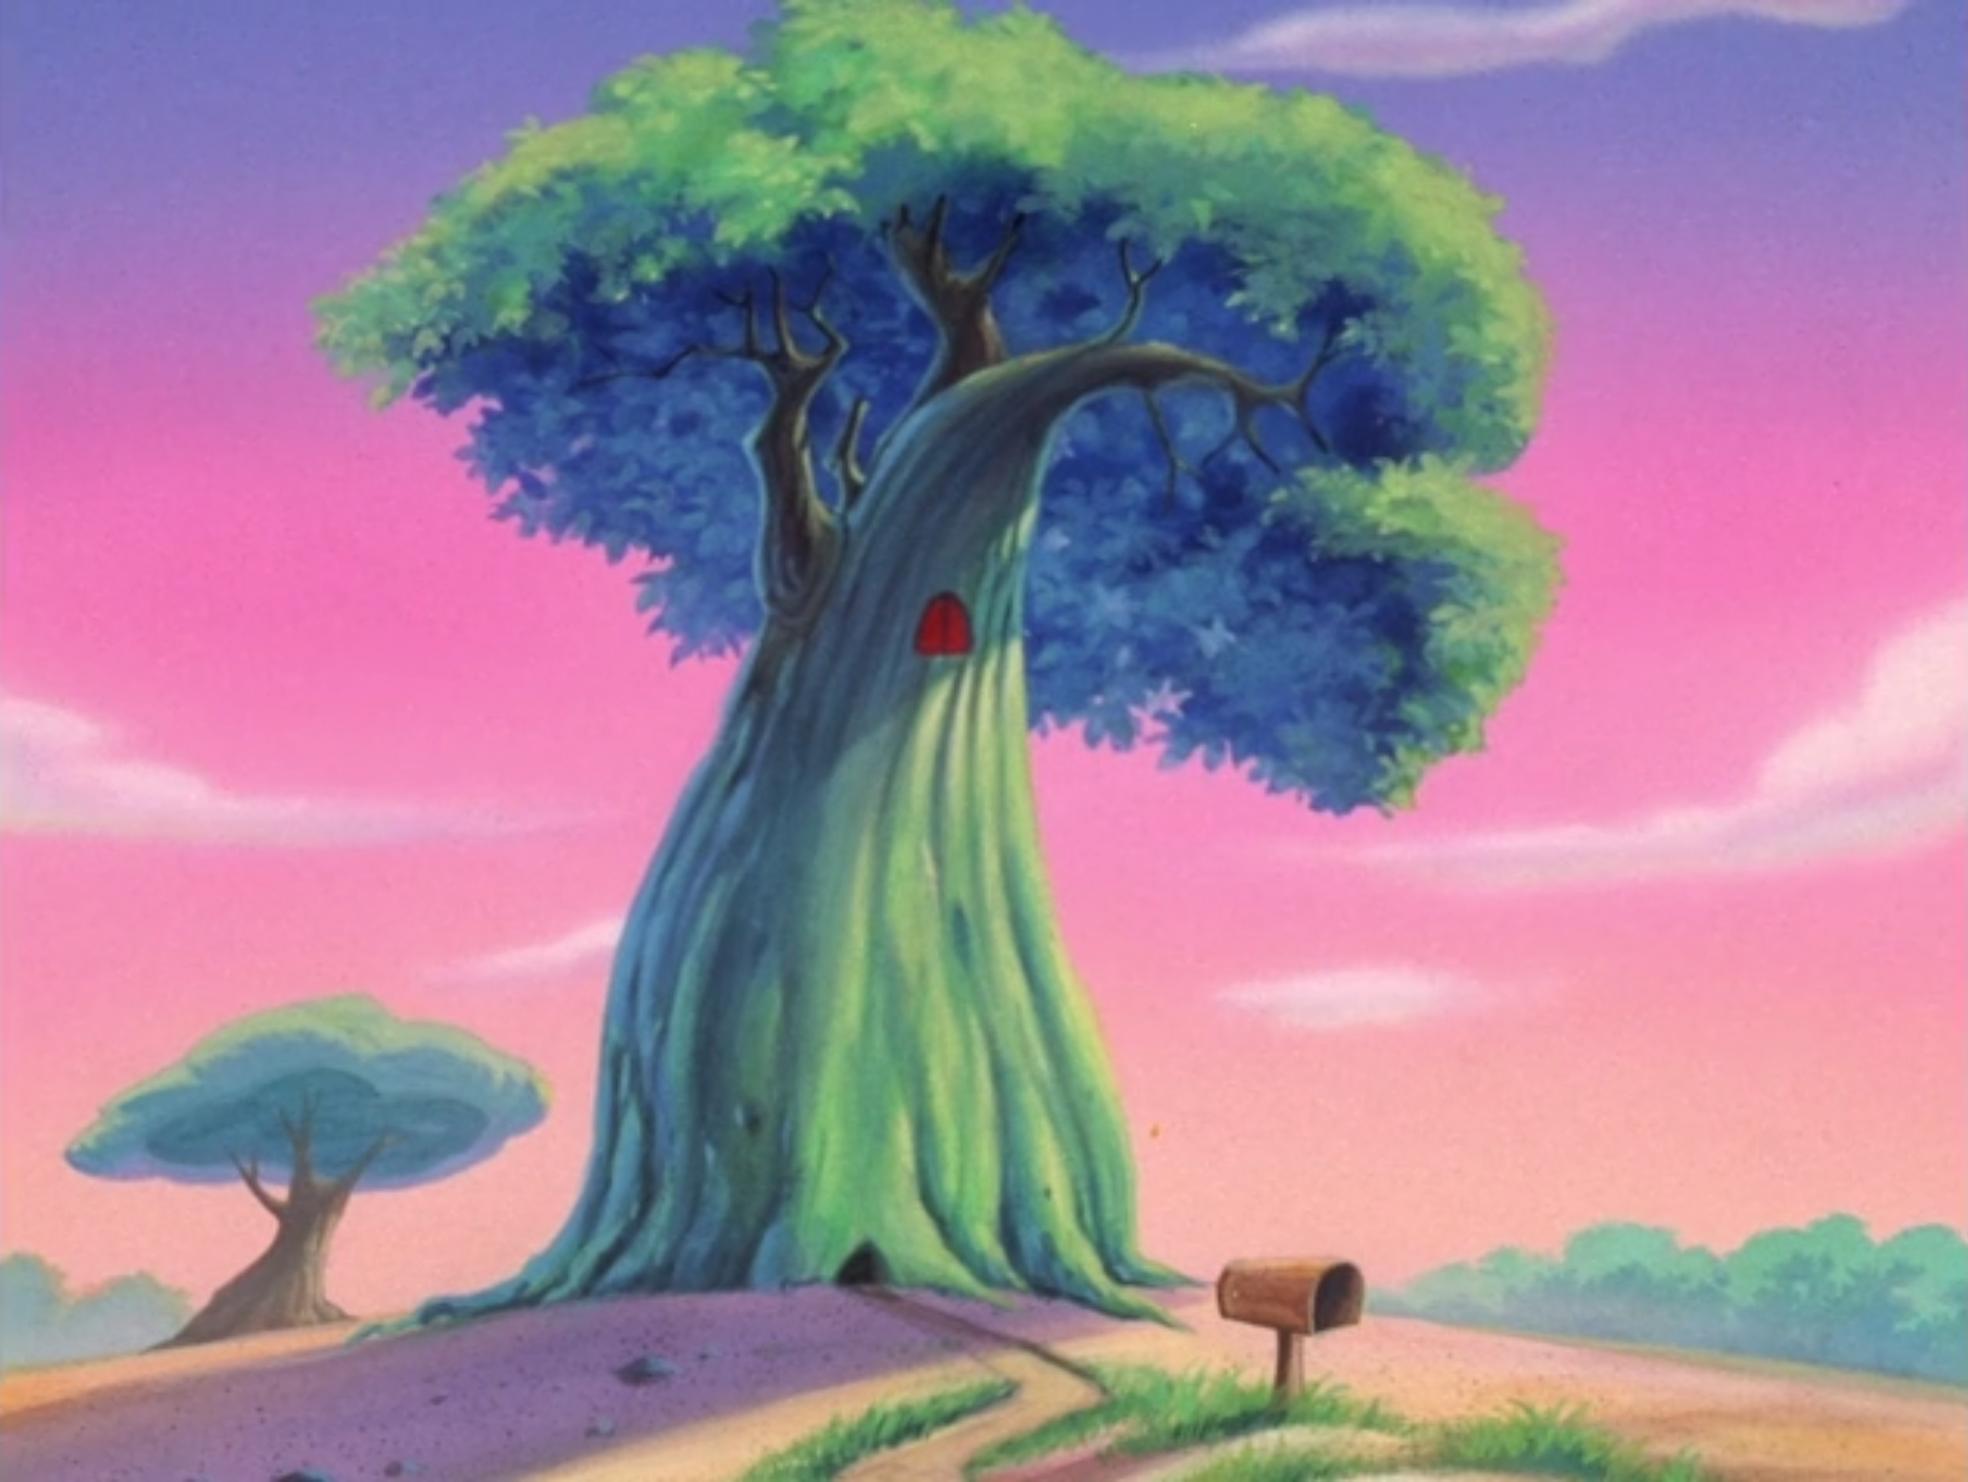 Zazu's tree